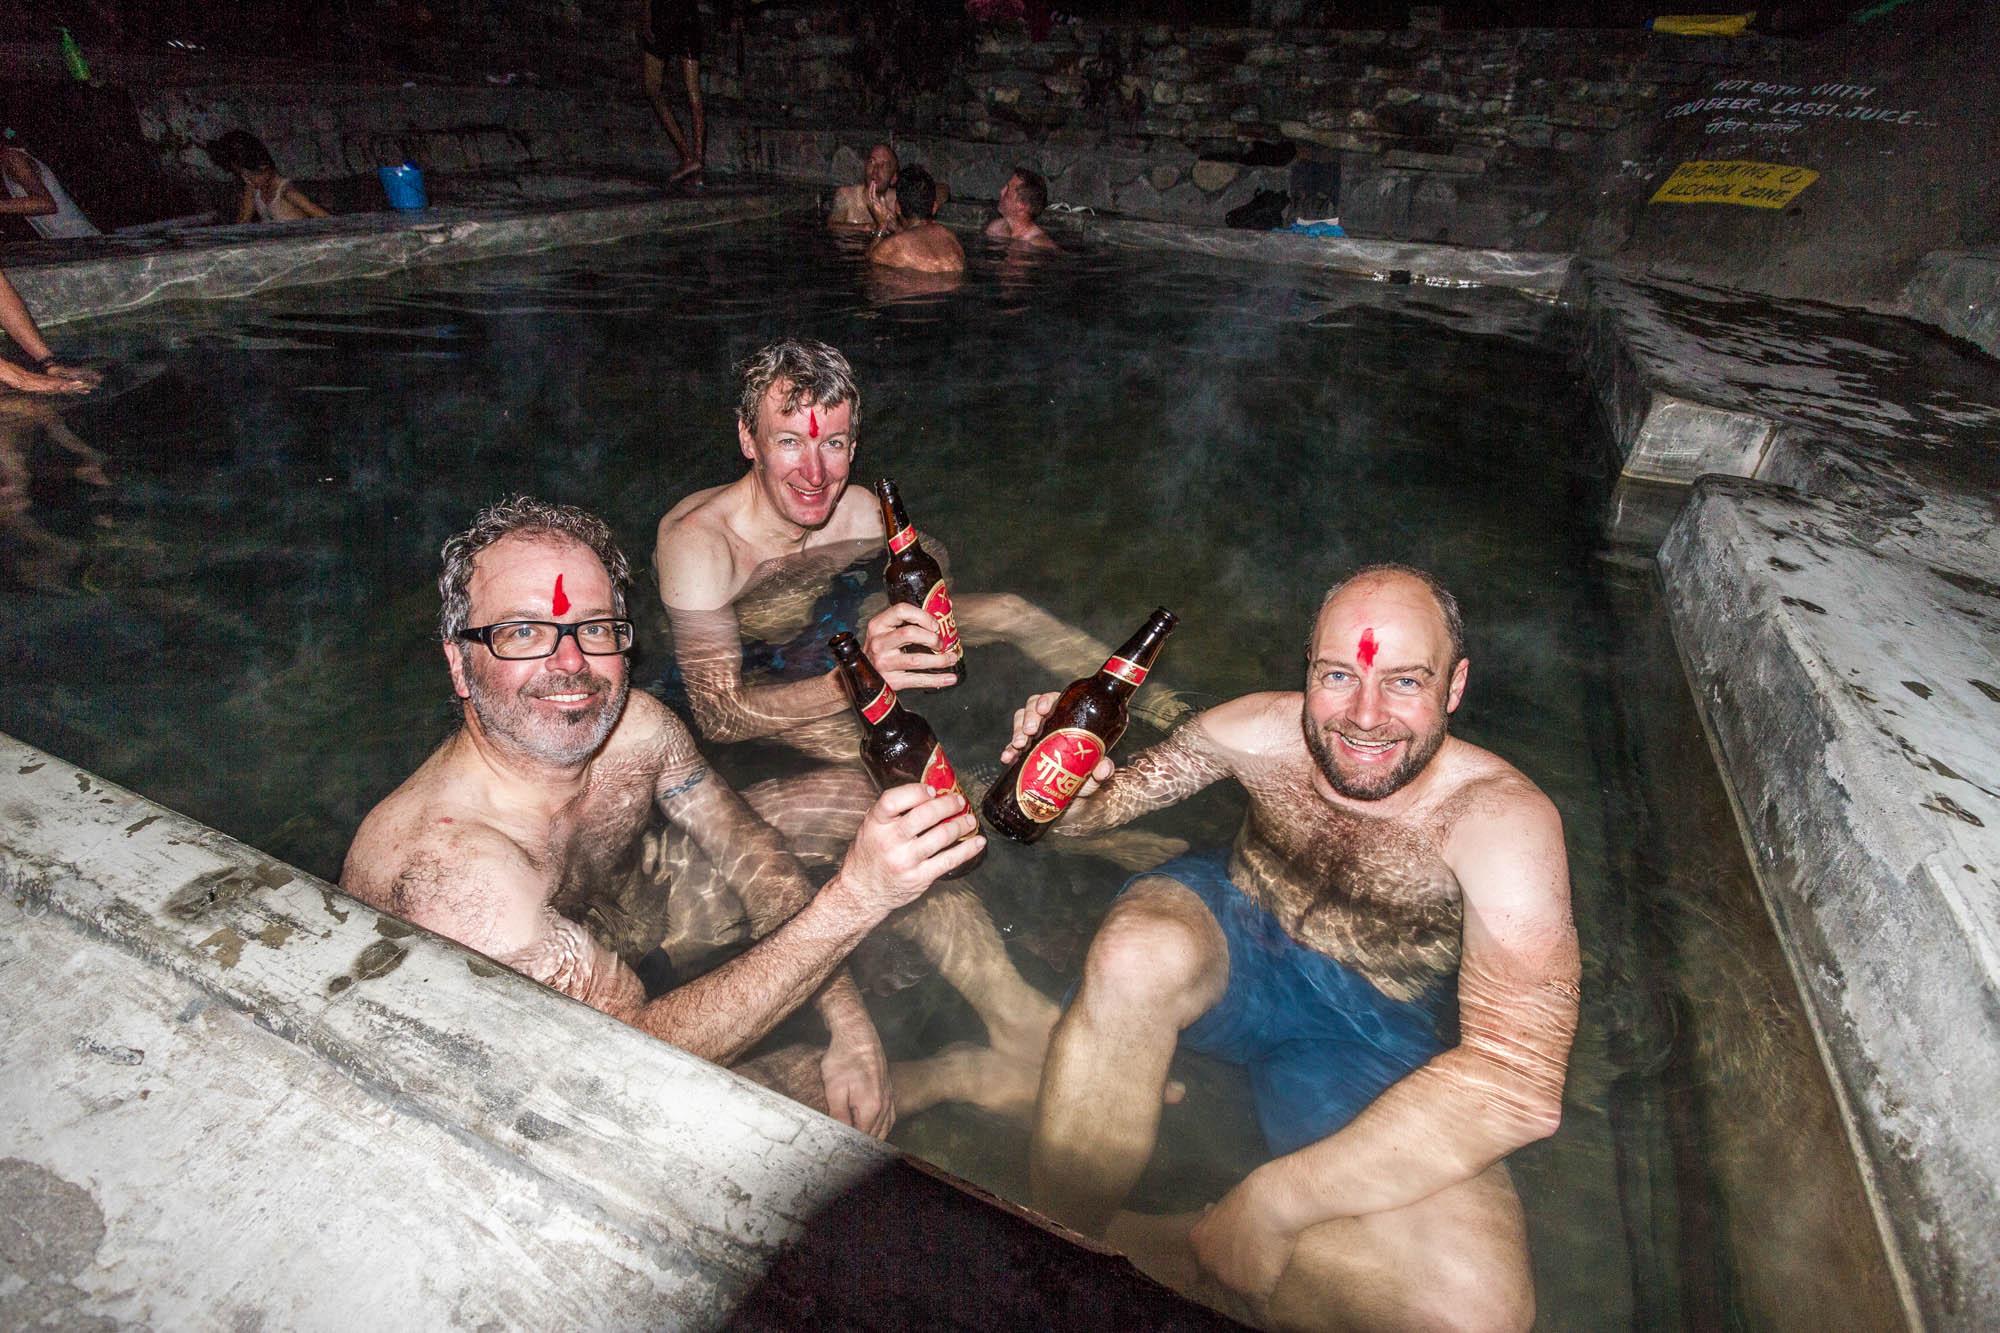 Drei Männer nehmen ein Bad in einer warmen Quelle